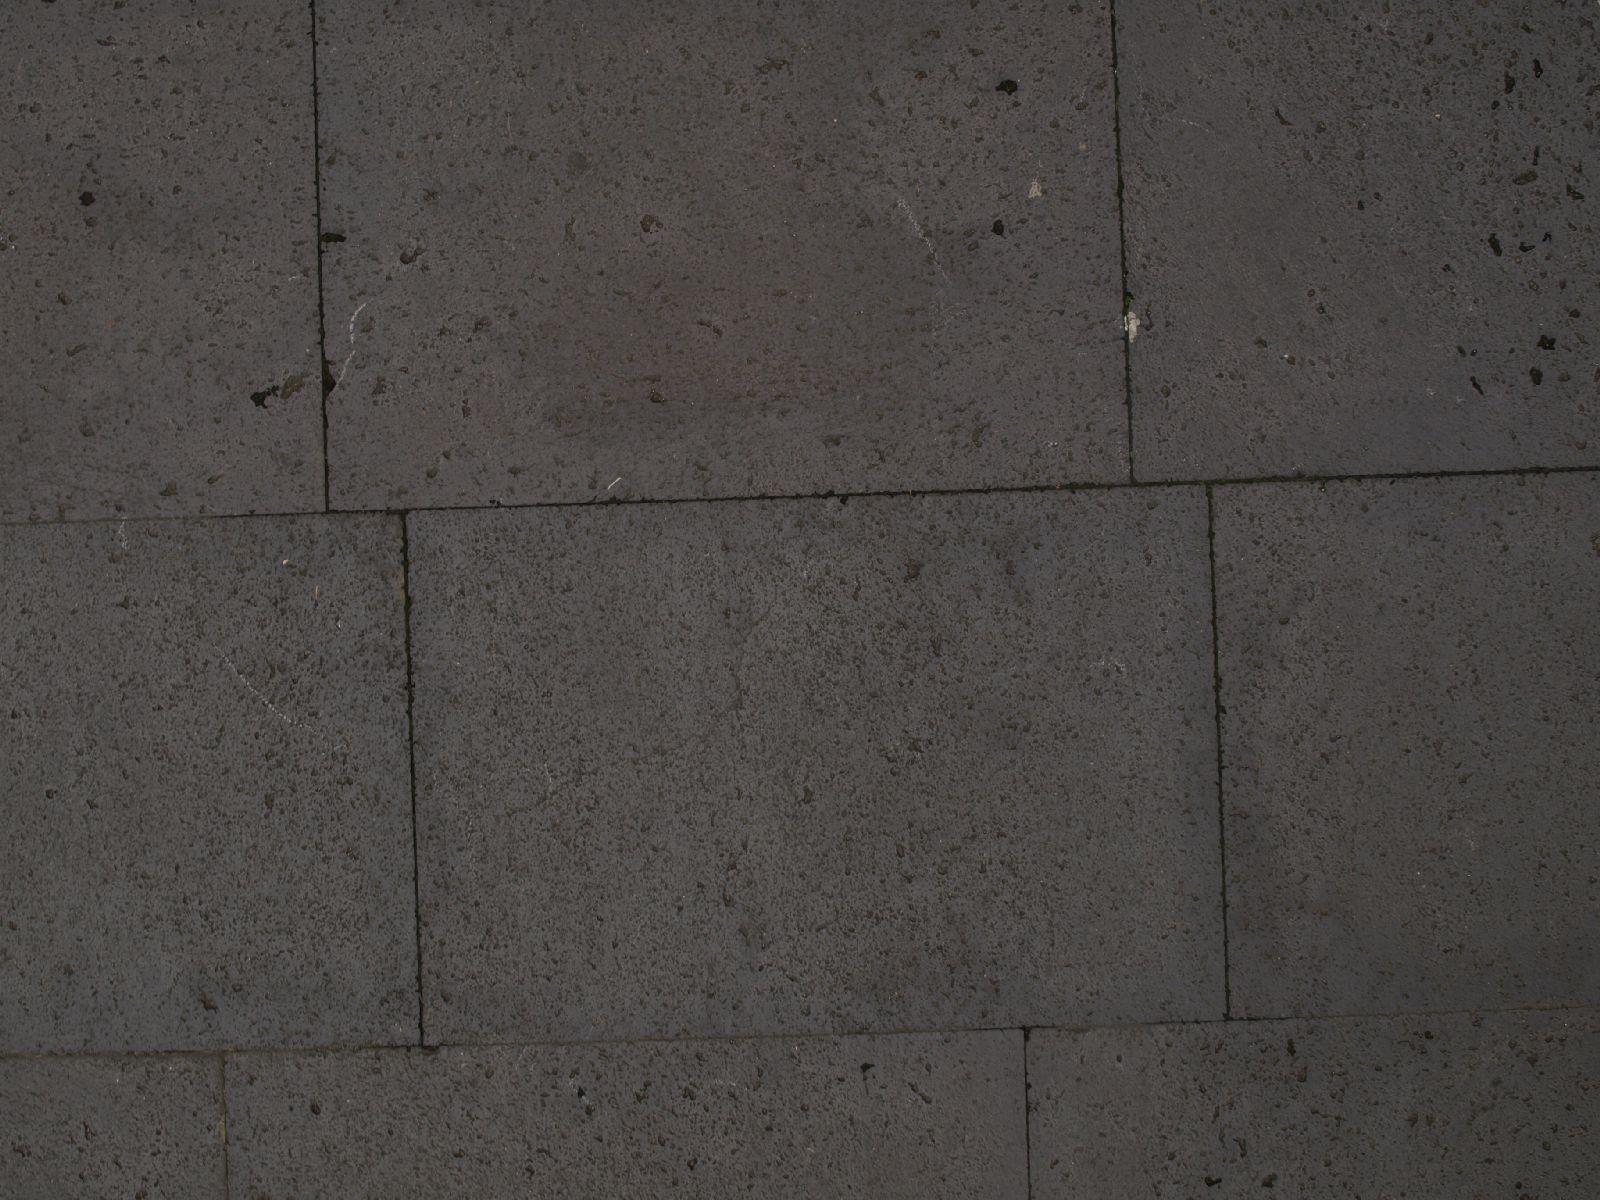 Ground-Urban_Texture_A_P4131163